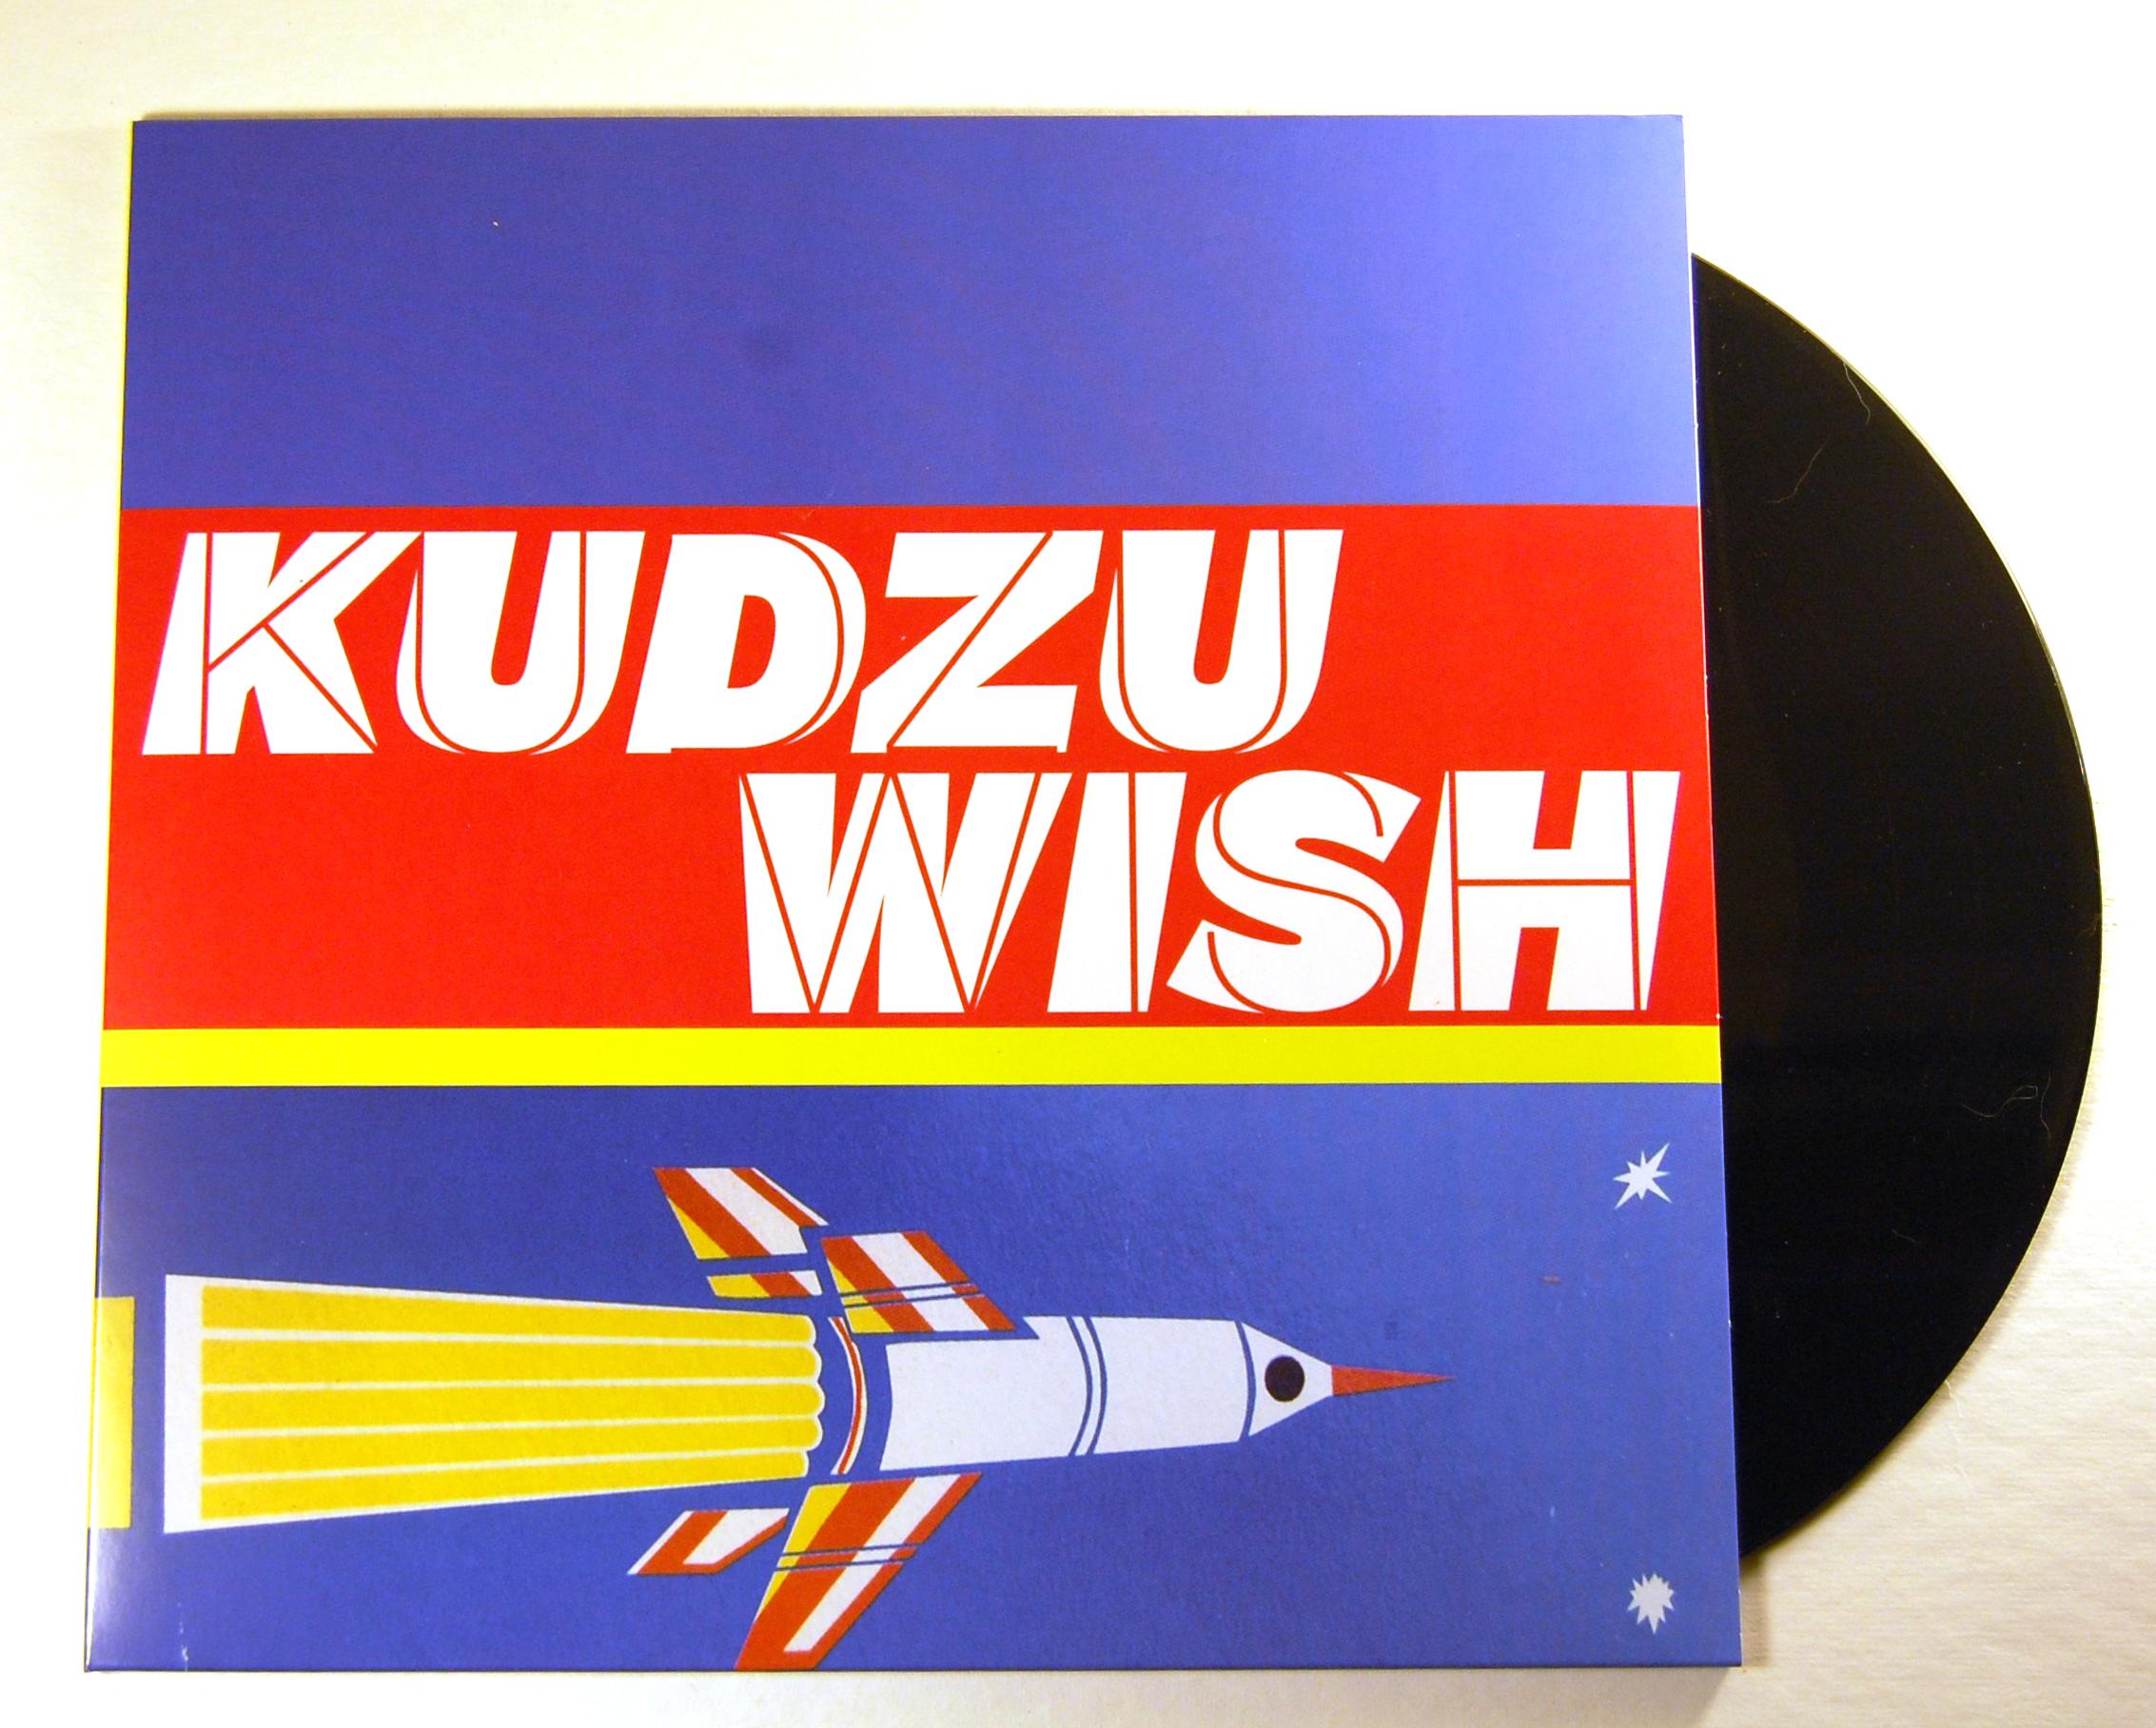 Kudzu Wish - Kudzu Wish